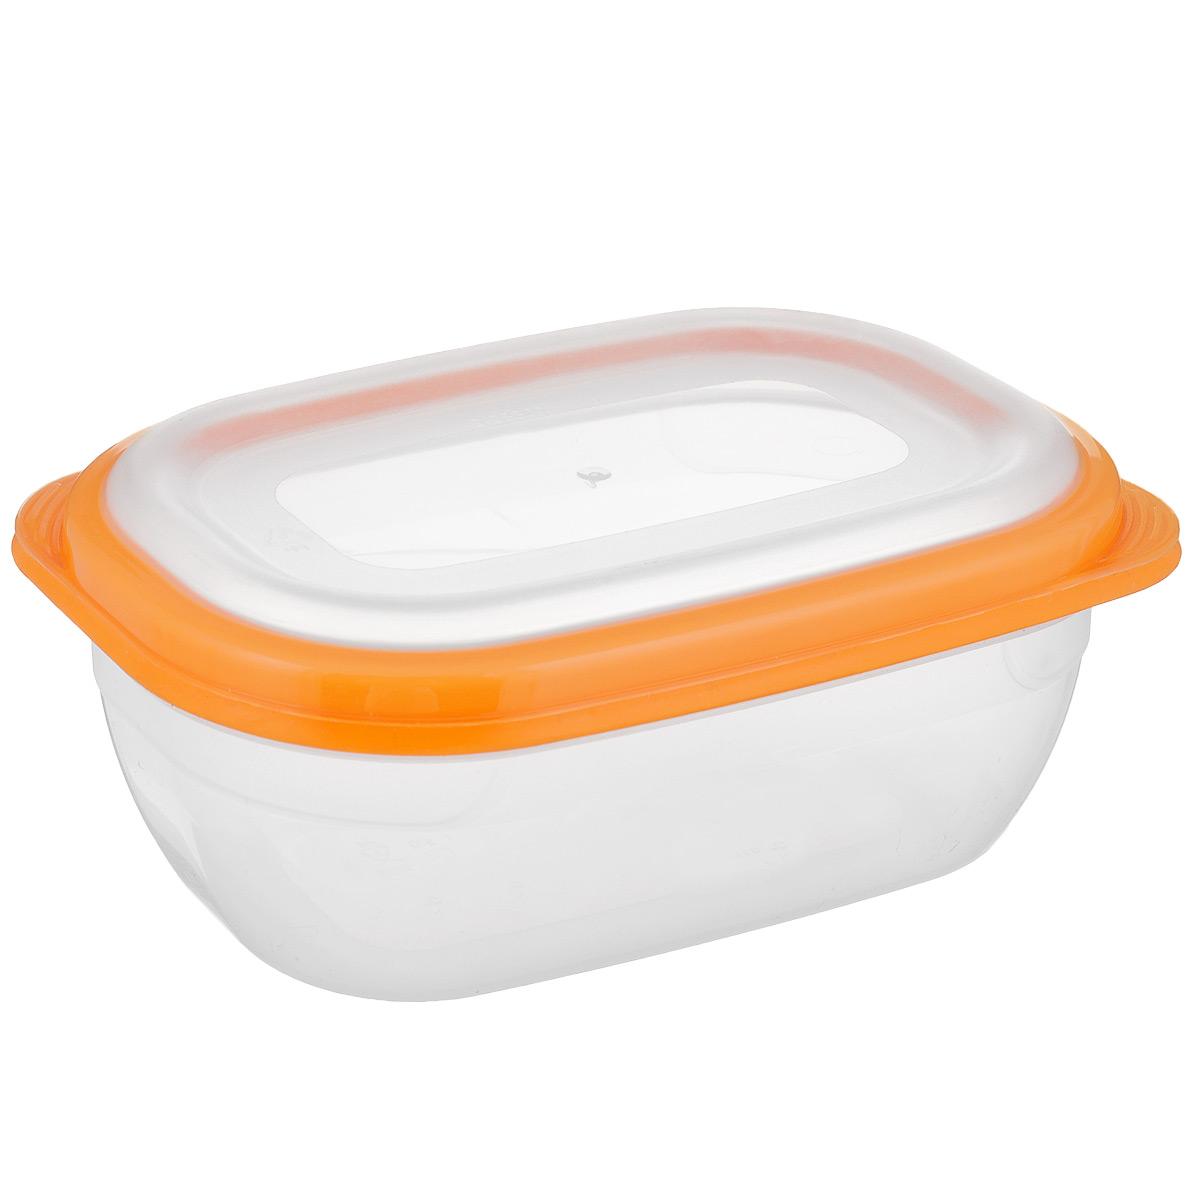 Контейнер для СВЧ Полимербыт Премиум, цвет: оранжевый, прозрачный, 0,5 лС560 оранжевыйПрямоугольный контейнер для СВЧ Полимербыт Премиум изготовлен из высококачественного прочного пластика, устойчивого к высоким температурам (до +110°С). Крышка плотно и герметично закрывается, дольше сохраняя продукты свежими и вкусными. Контейнер идеально подходит для хранения пищи, его удобно брать с собой на работу, учебу, пикник или просто использовать для хранения пищи в холодильнике. Подходит для разогрева пищи в микроволновой печи и для заморозки в морозильной камере (при минимальной температуре -40°С). Можно мыть в посудомоечной машине.